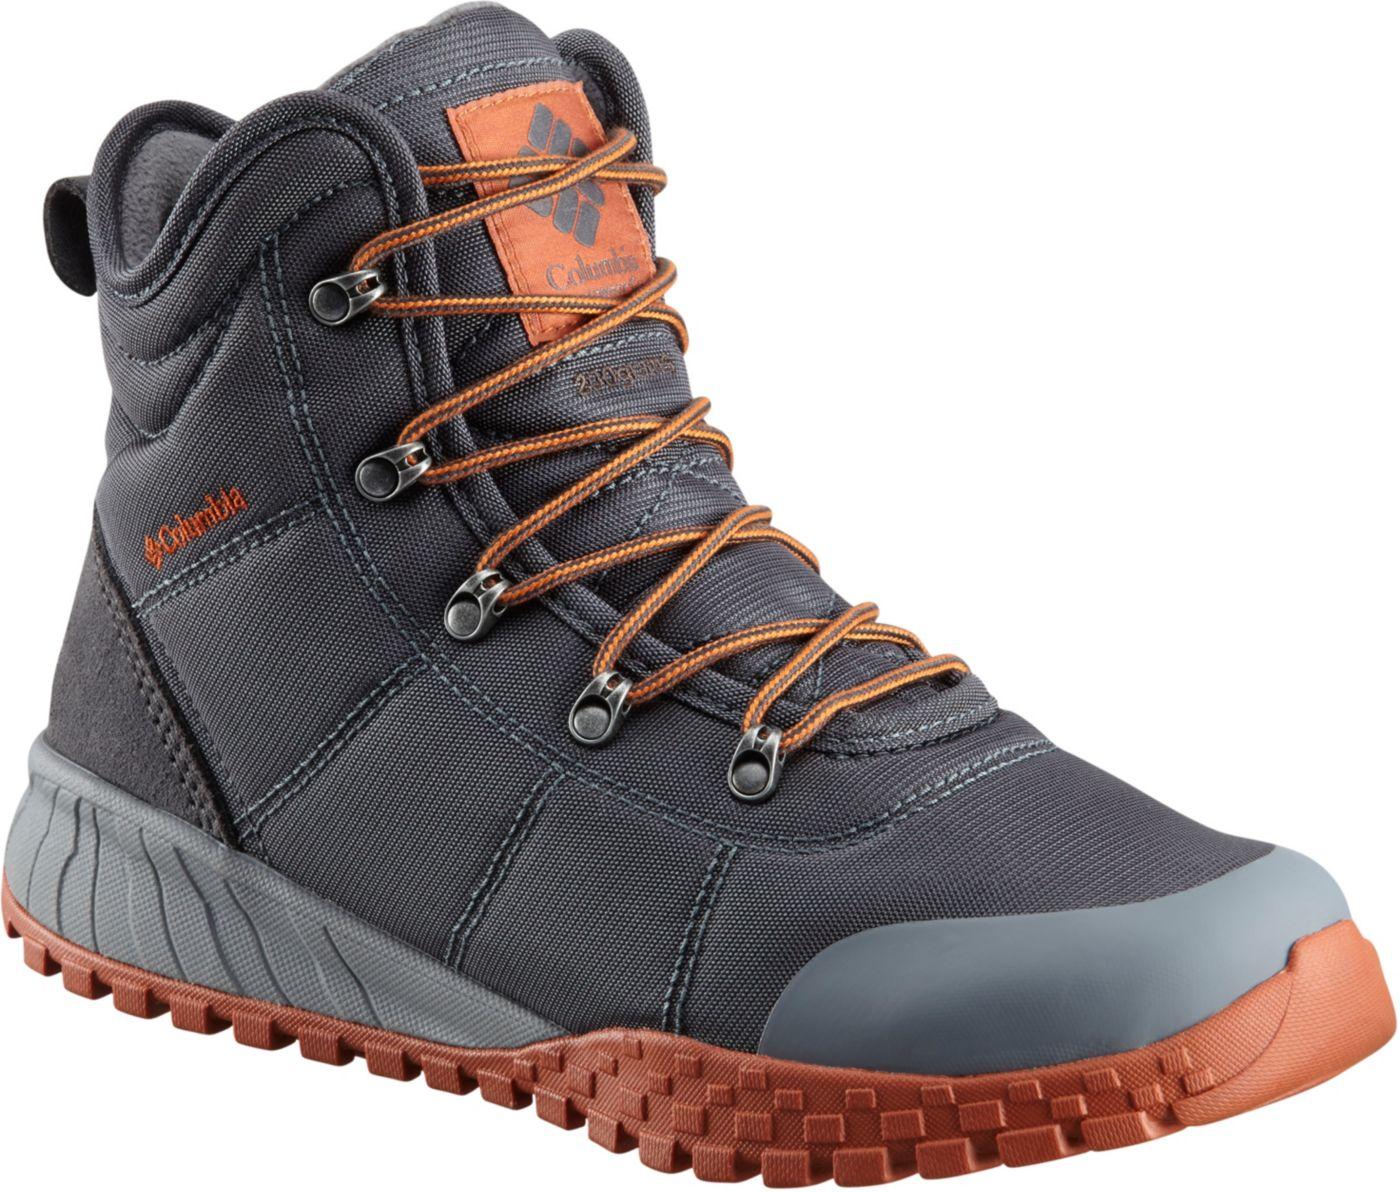 Columbia Men's Fairbanks Omni-Heat 200g Waterproof Winter Boots